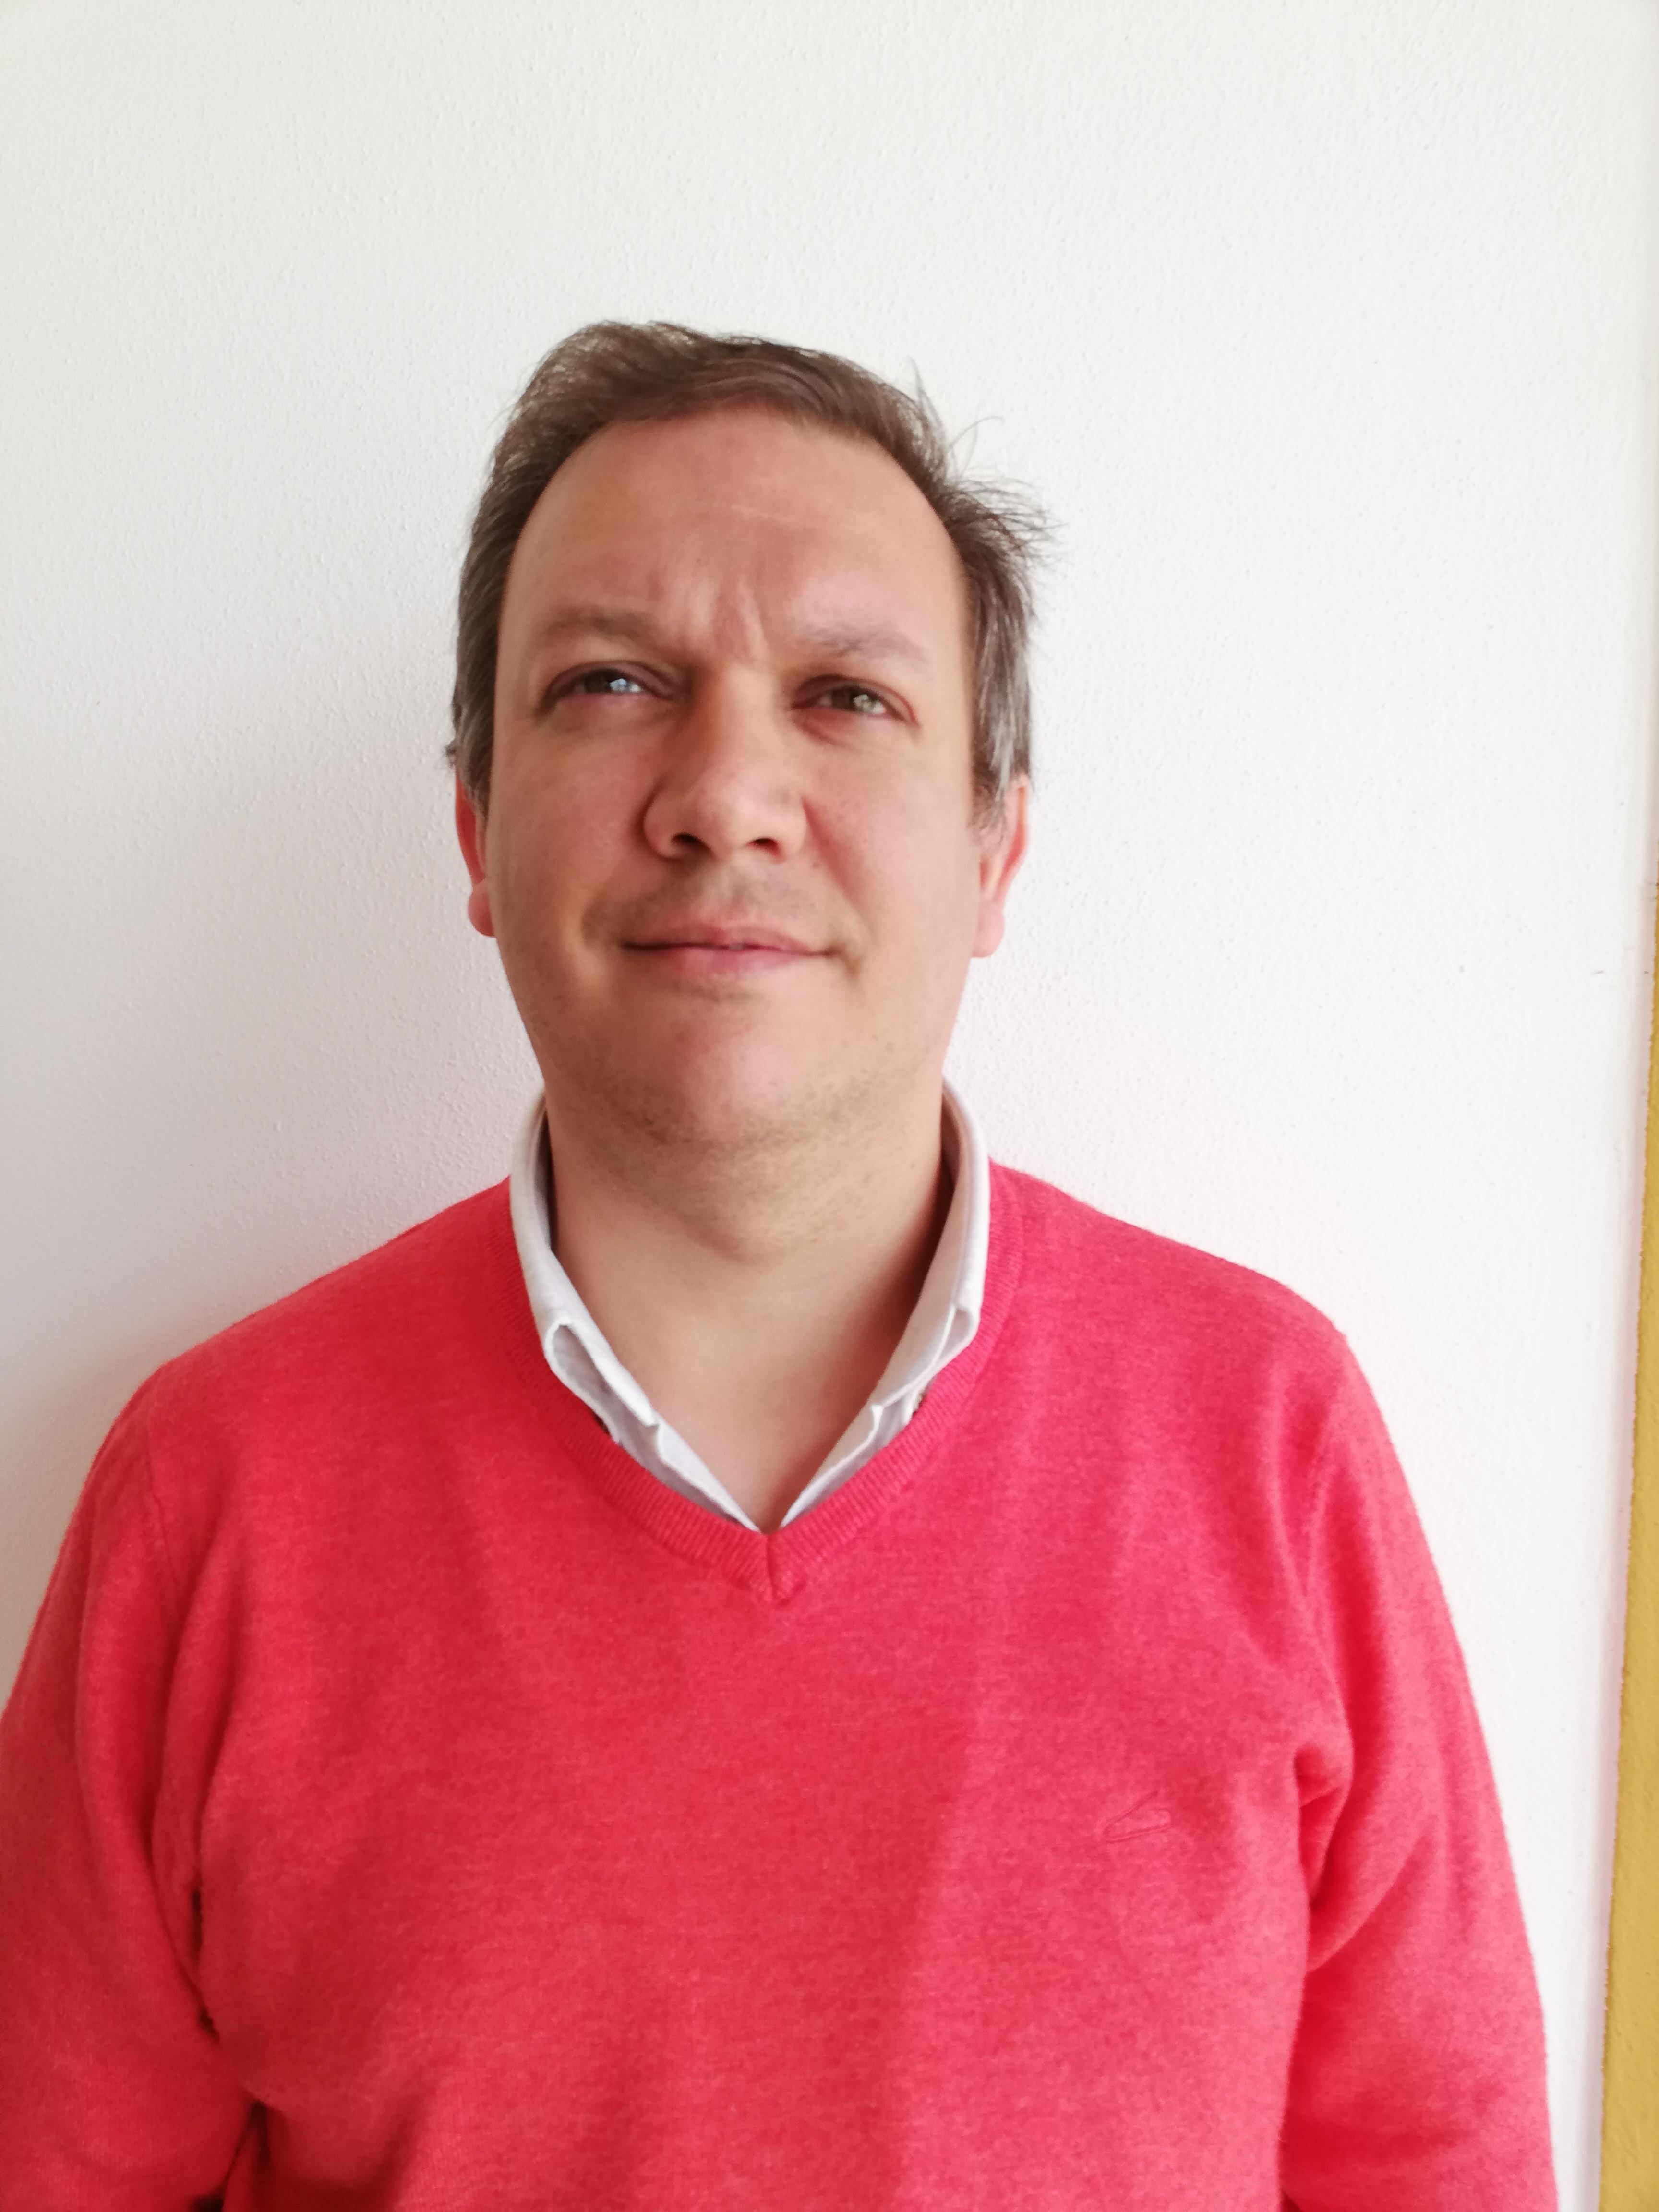 Fernando Barroca